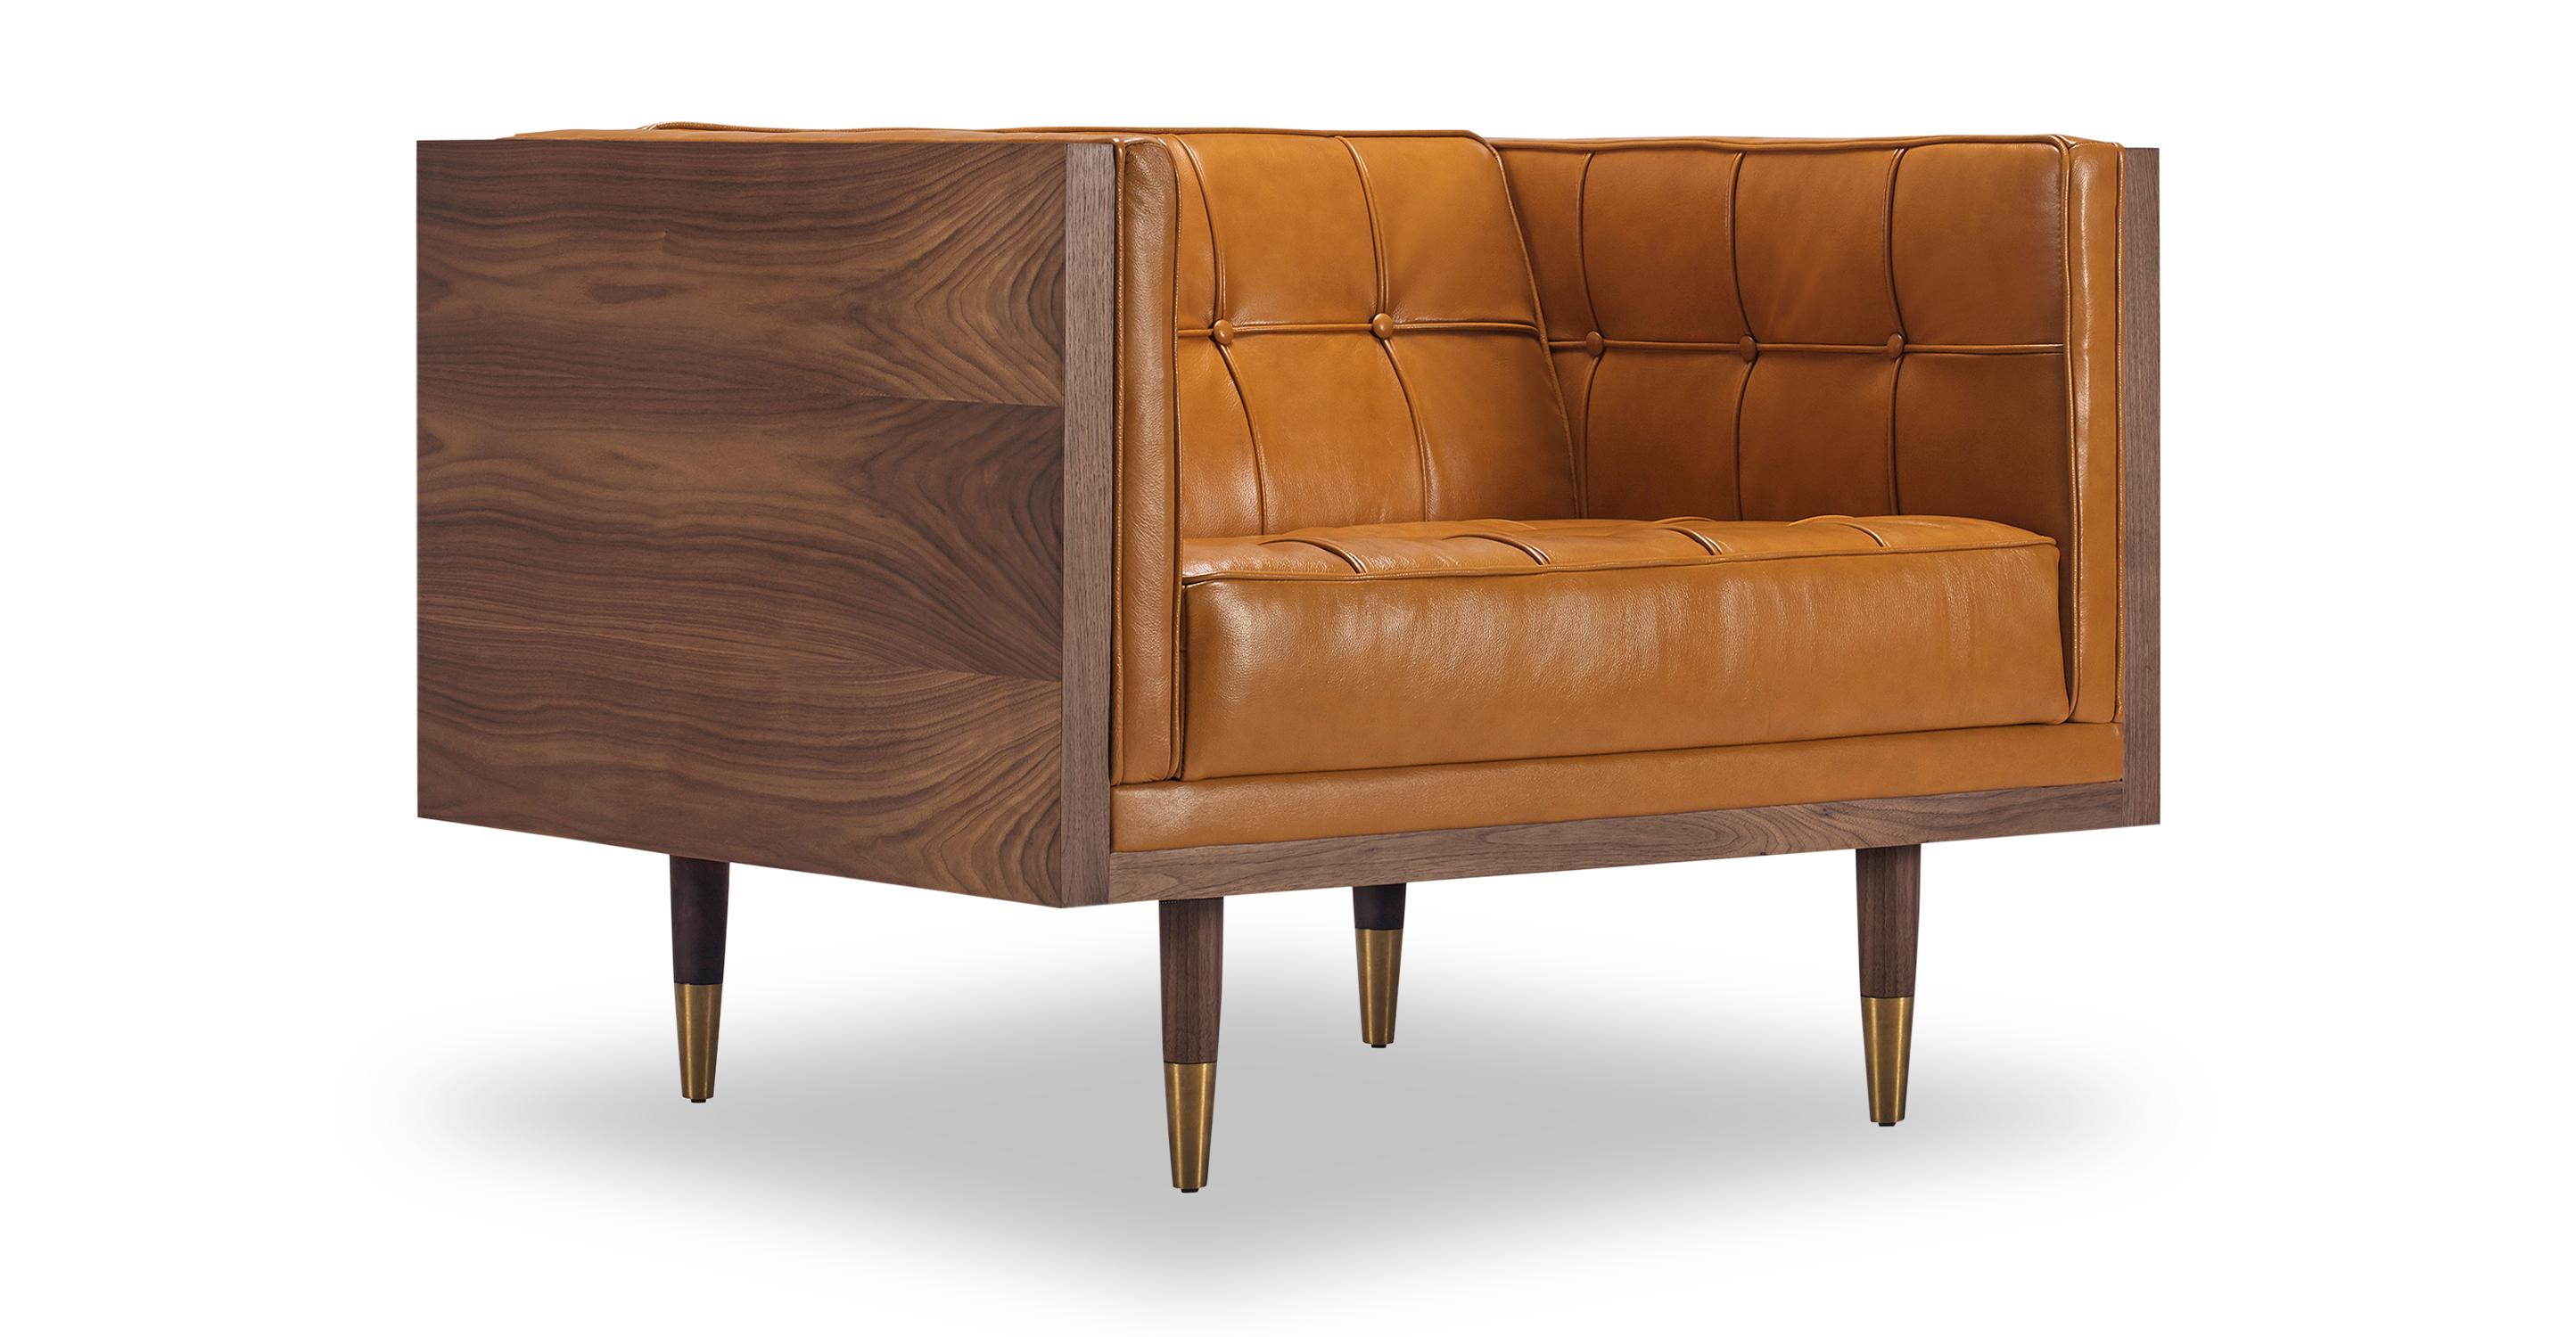 Woodrow Box Chair, Walnut/Tan Aniline